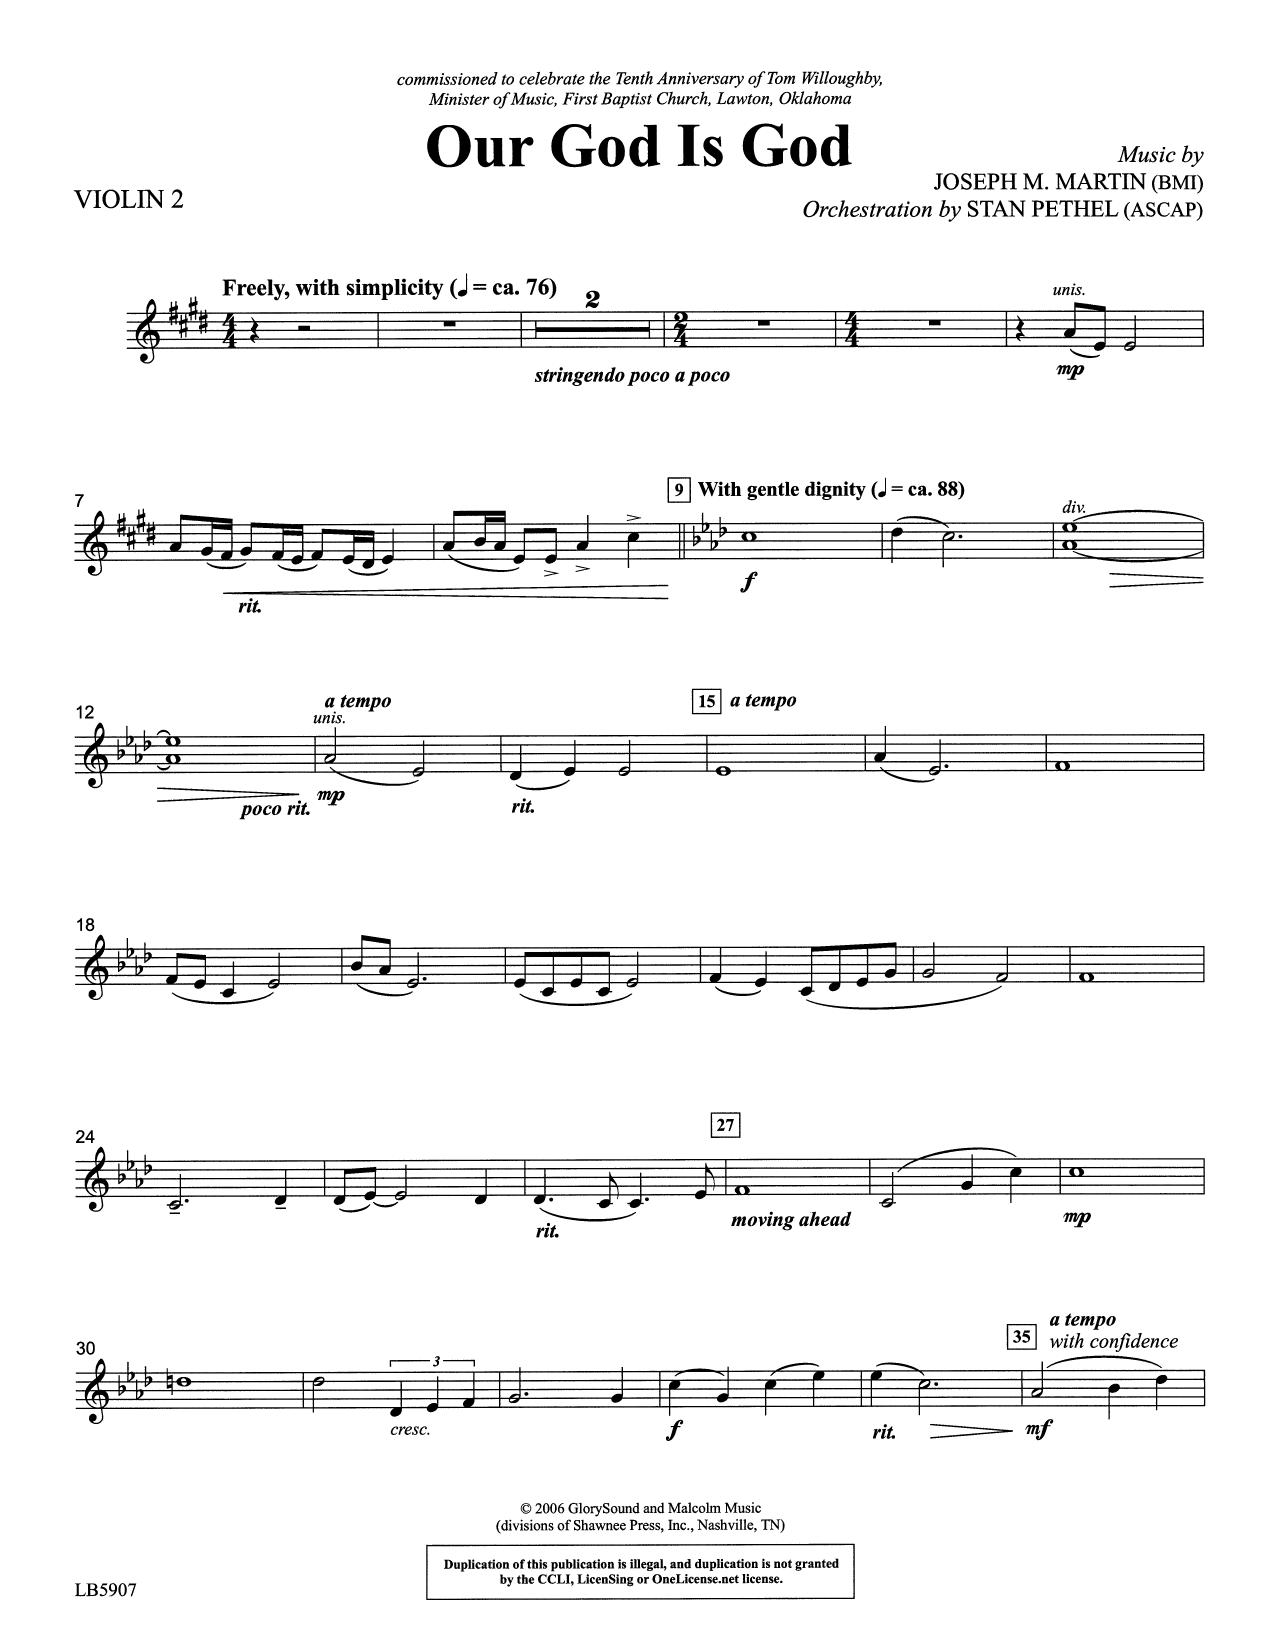 Our God Is God - Violin 2 Sheet Music